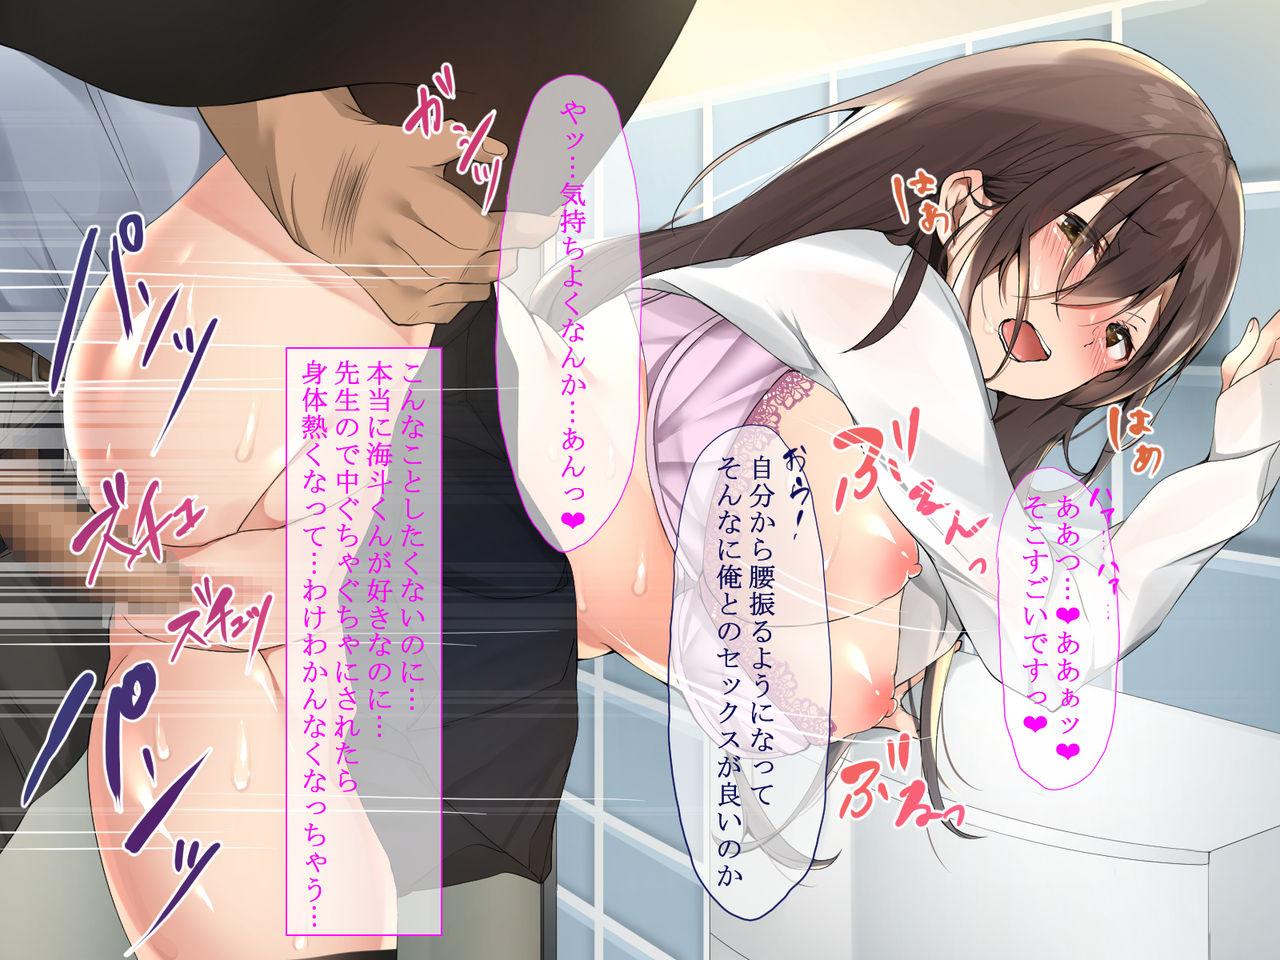 【同人CG】黒髪制服美少女の立ち側位セックスエロ画像【純粋無垢な彼女が中年教師に犯され続けた放課後の話】